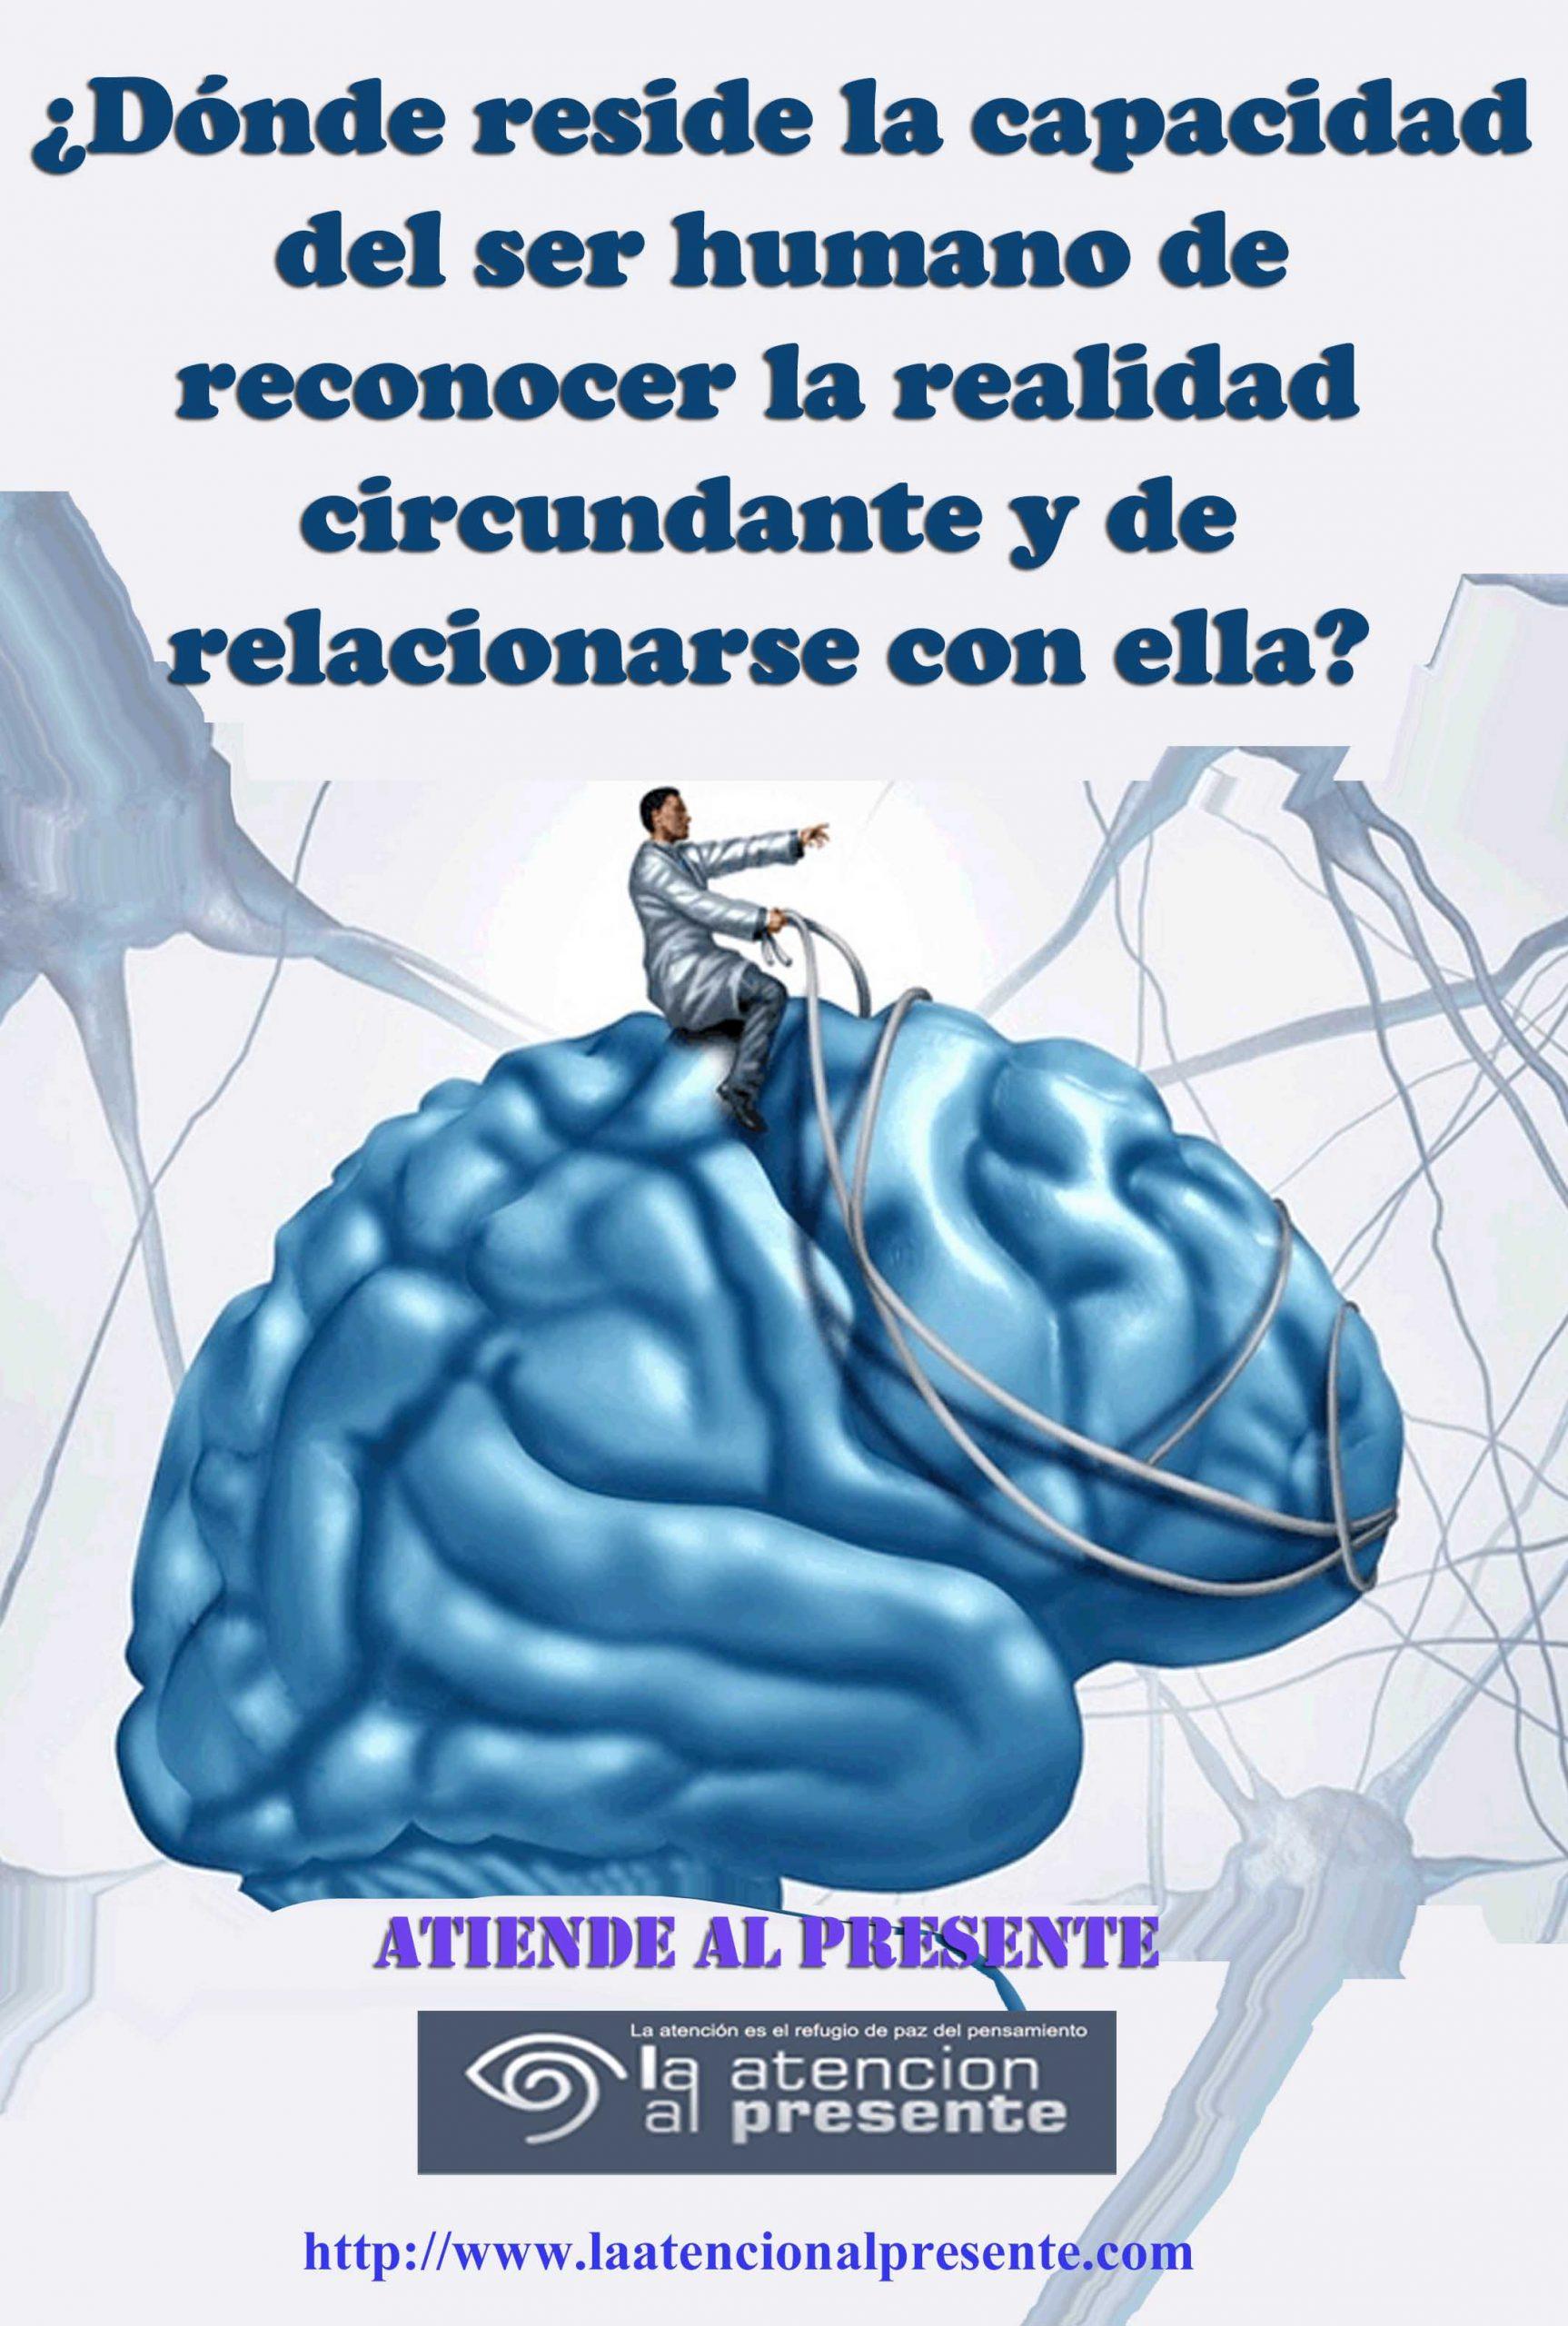 8 de octubre Esteban Donde reside la capacidad del ser humano de reconocer la realidad circundante y de relacionarse con ella min scaled